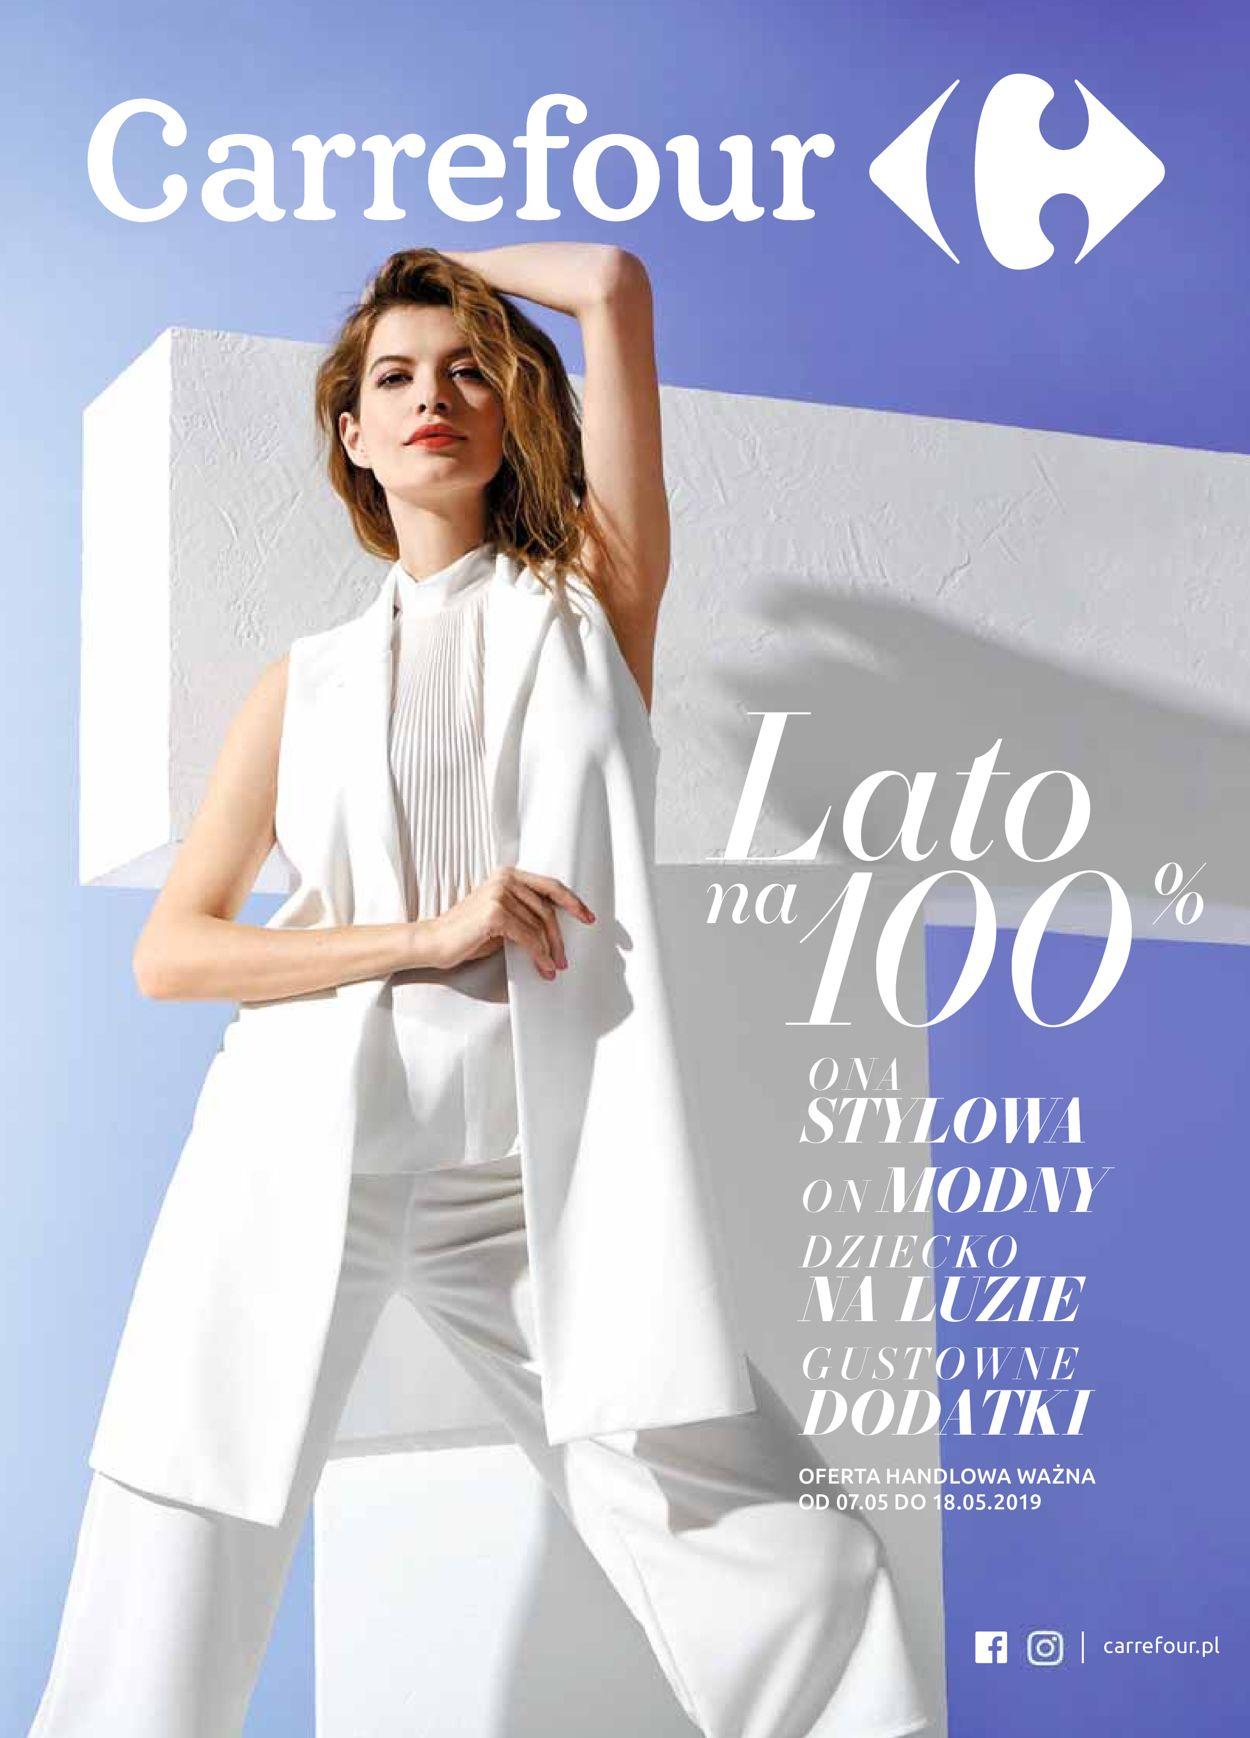 Gazetka promocyjna Carrefour - 07.05-18.05.2019